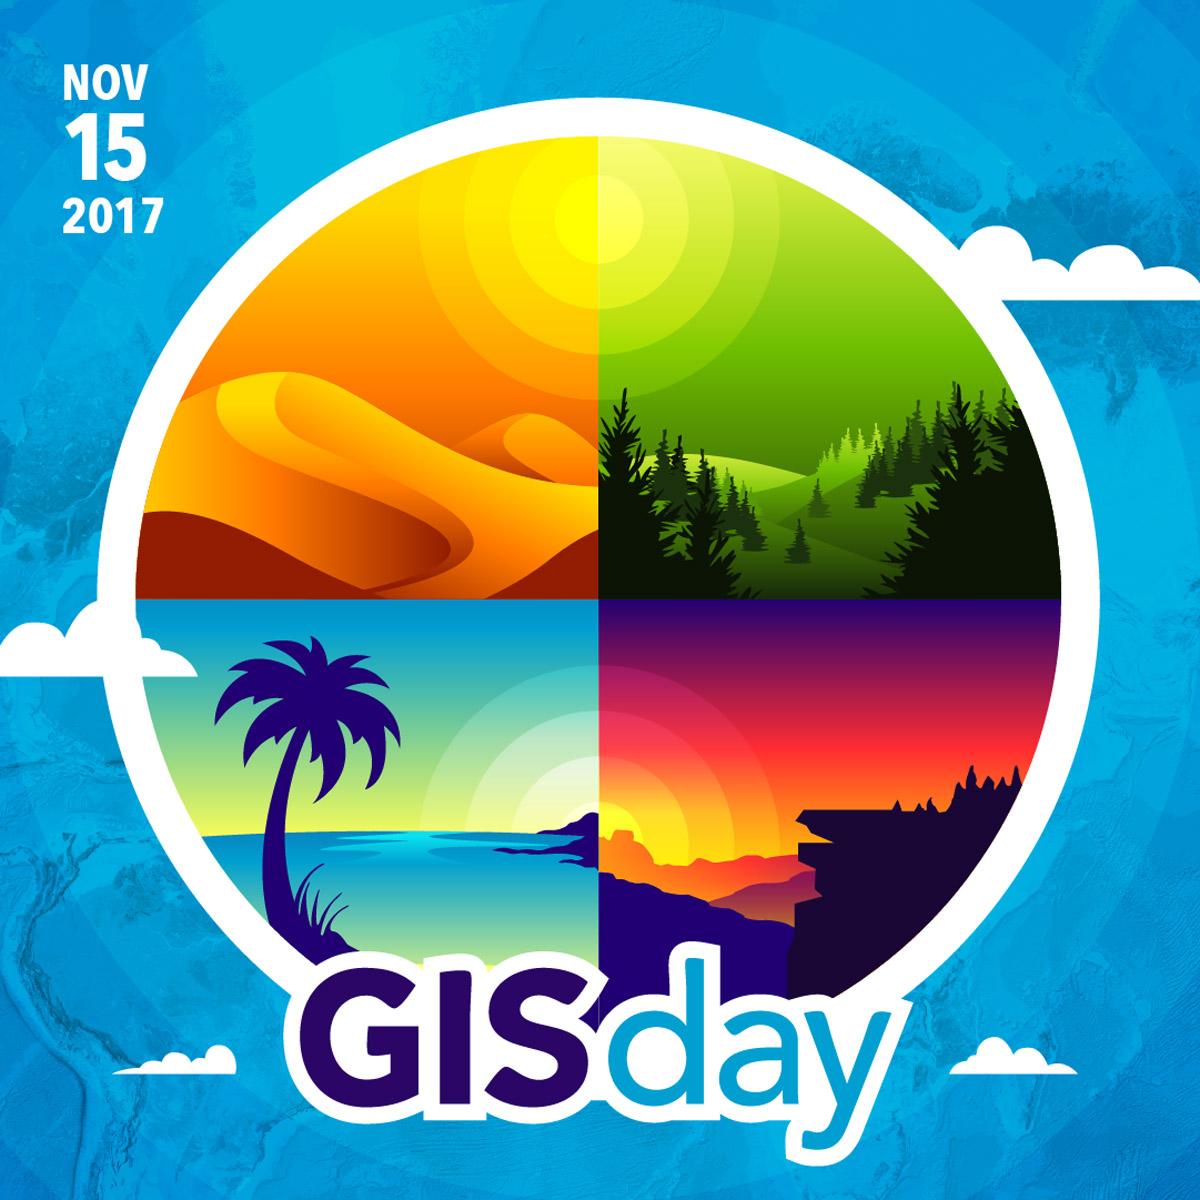 GIS Day, November 15, 2017